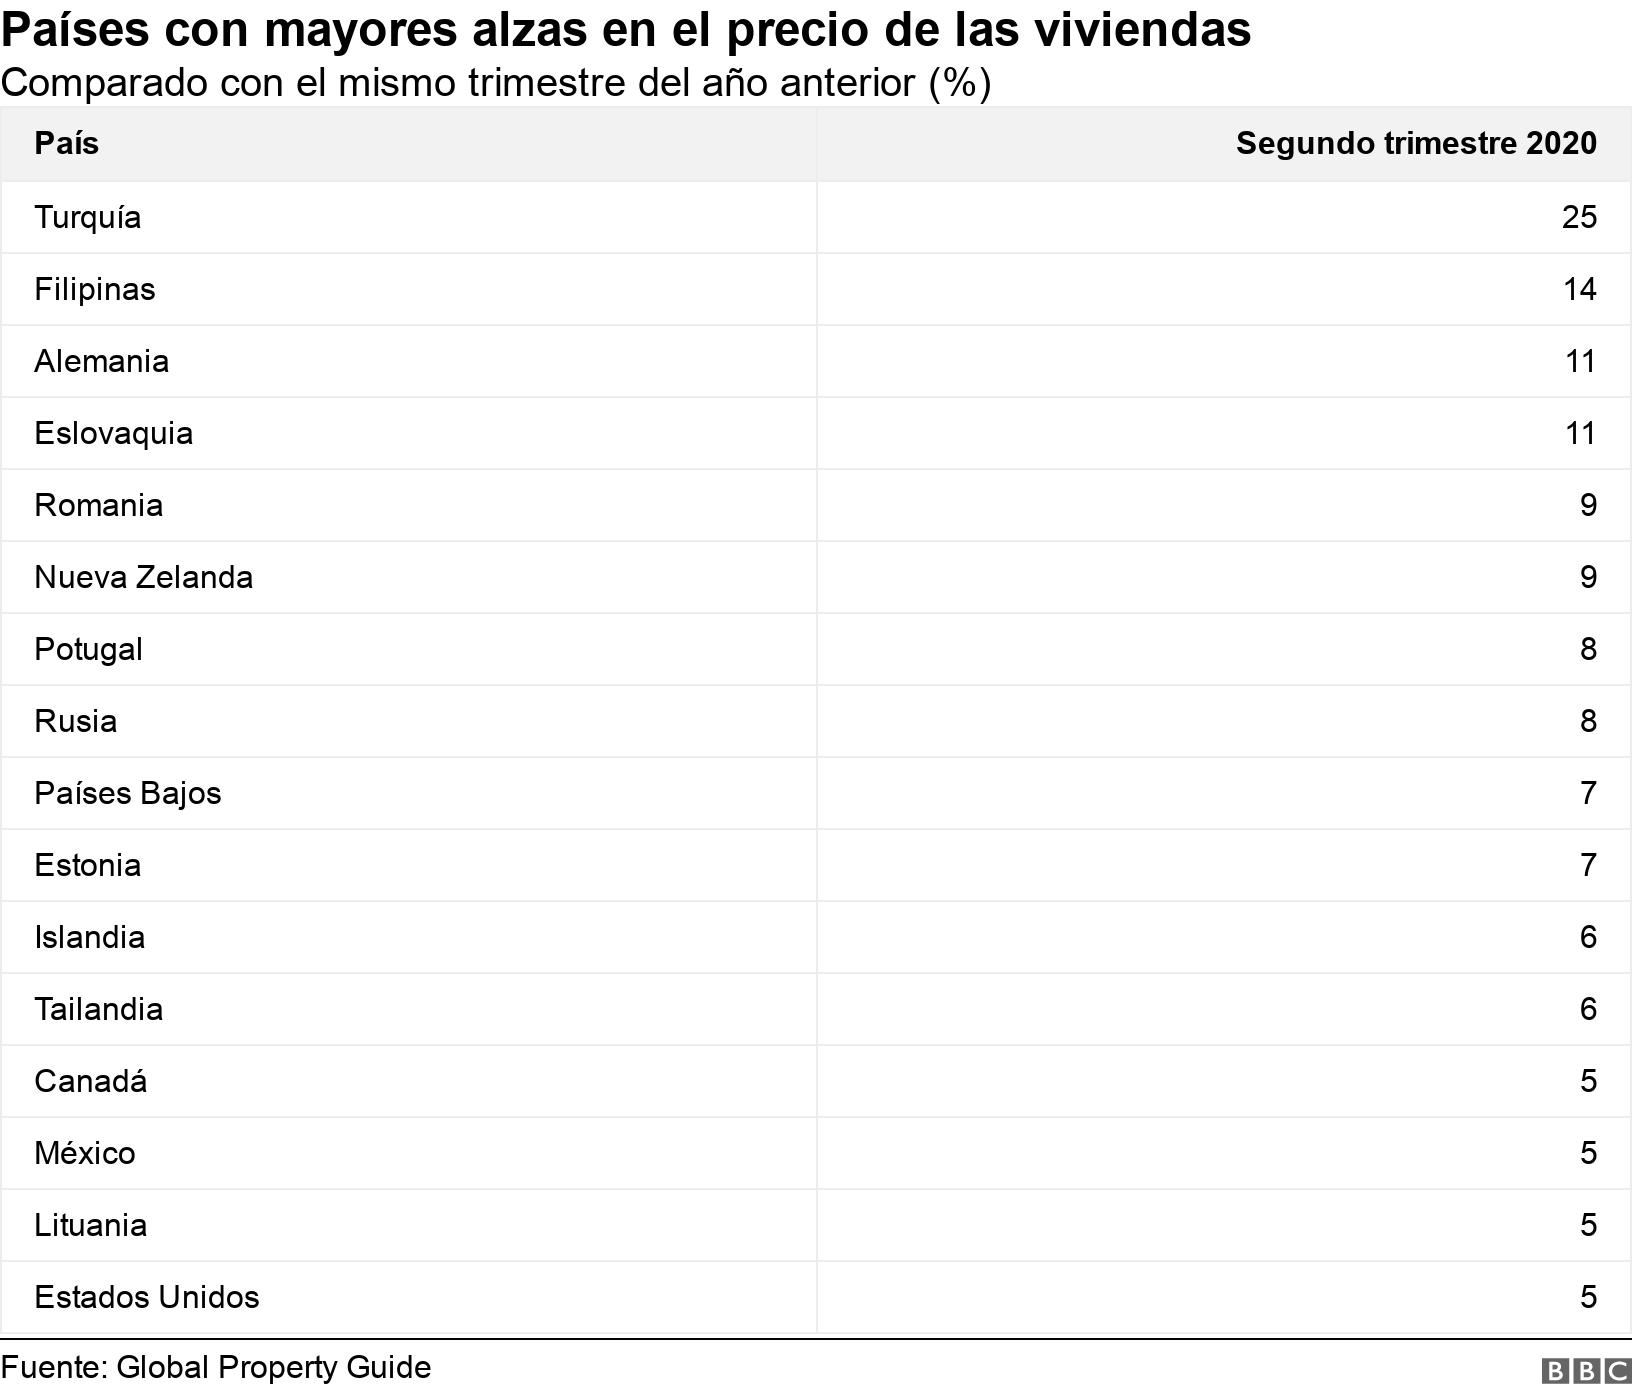 Países con mayores alzas en el precio de las viviendas. Comparado con el mismo trimestre del año anterior (%).  .